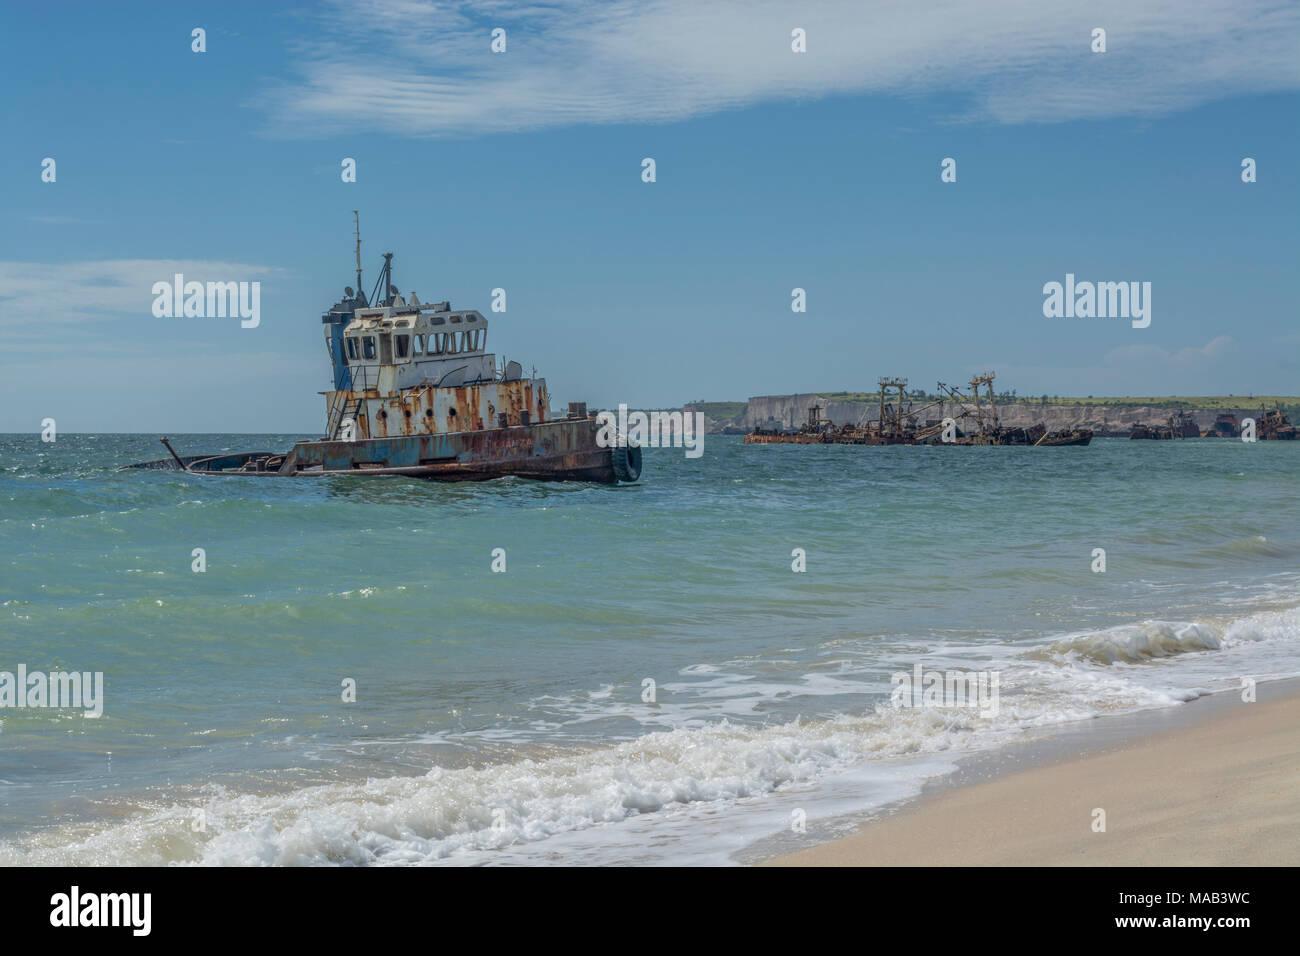 Shipwreck At High Tide Stock Photos & Shipwreck At High Tide